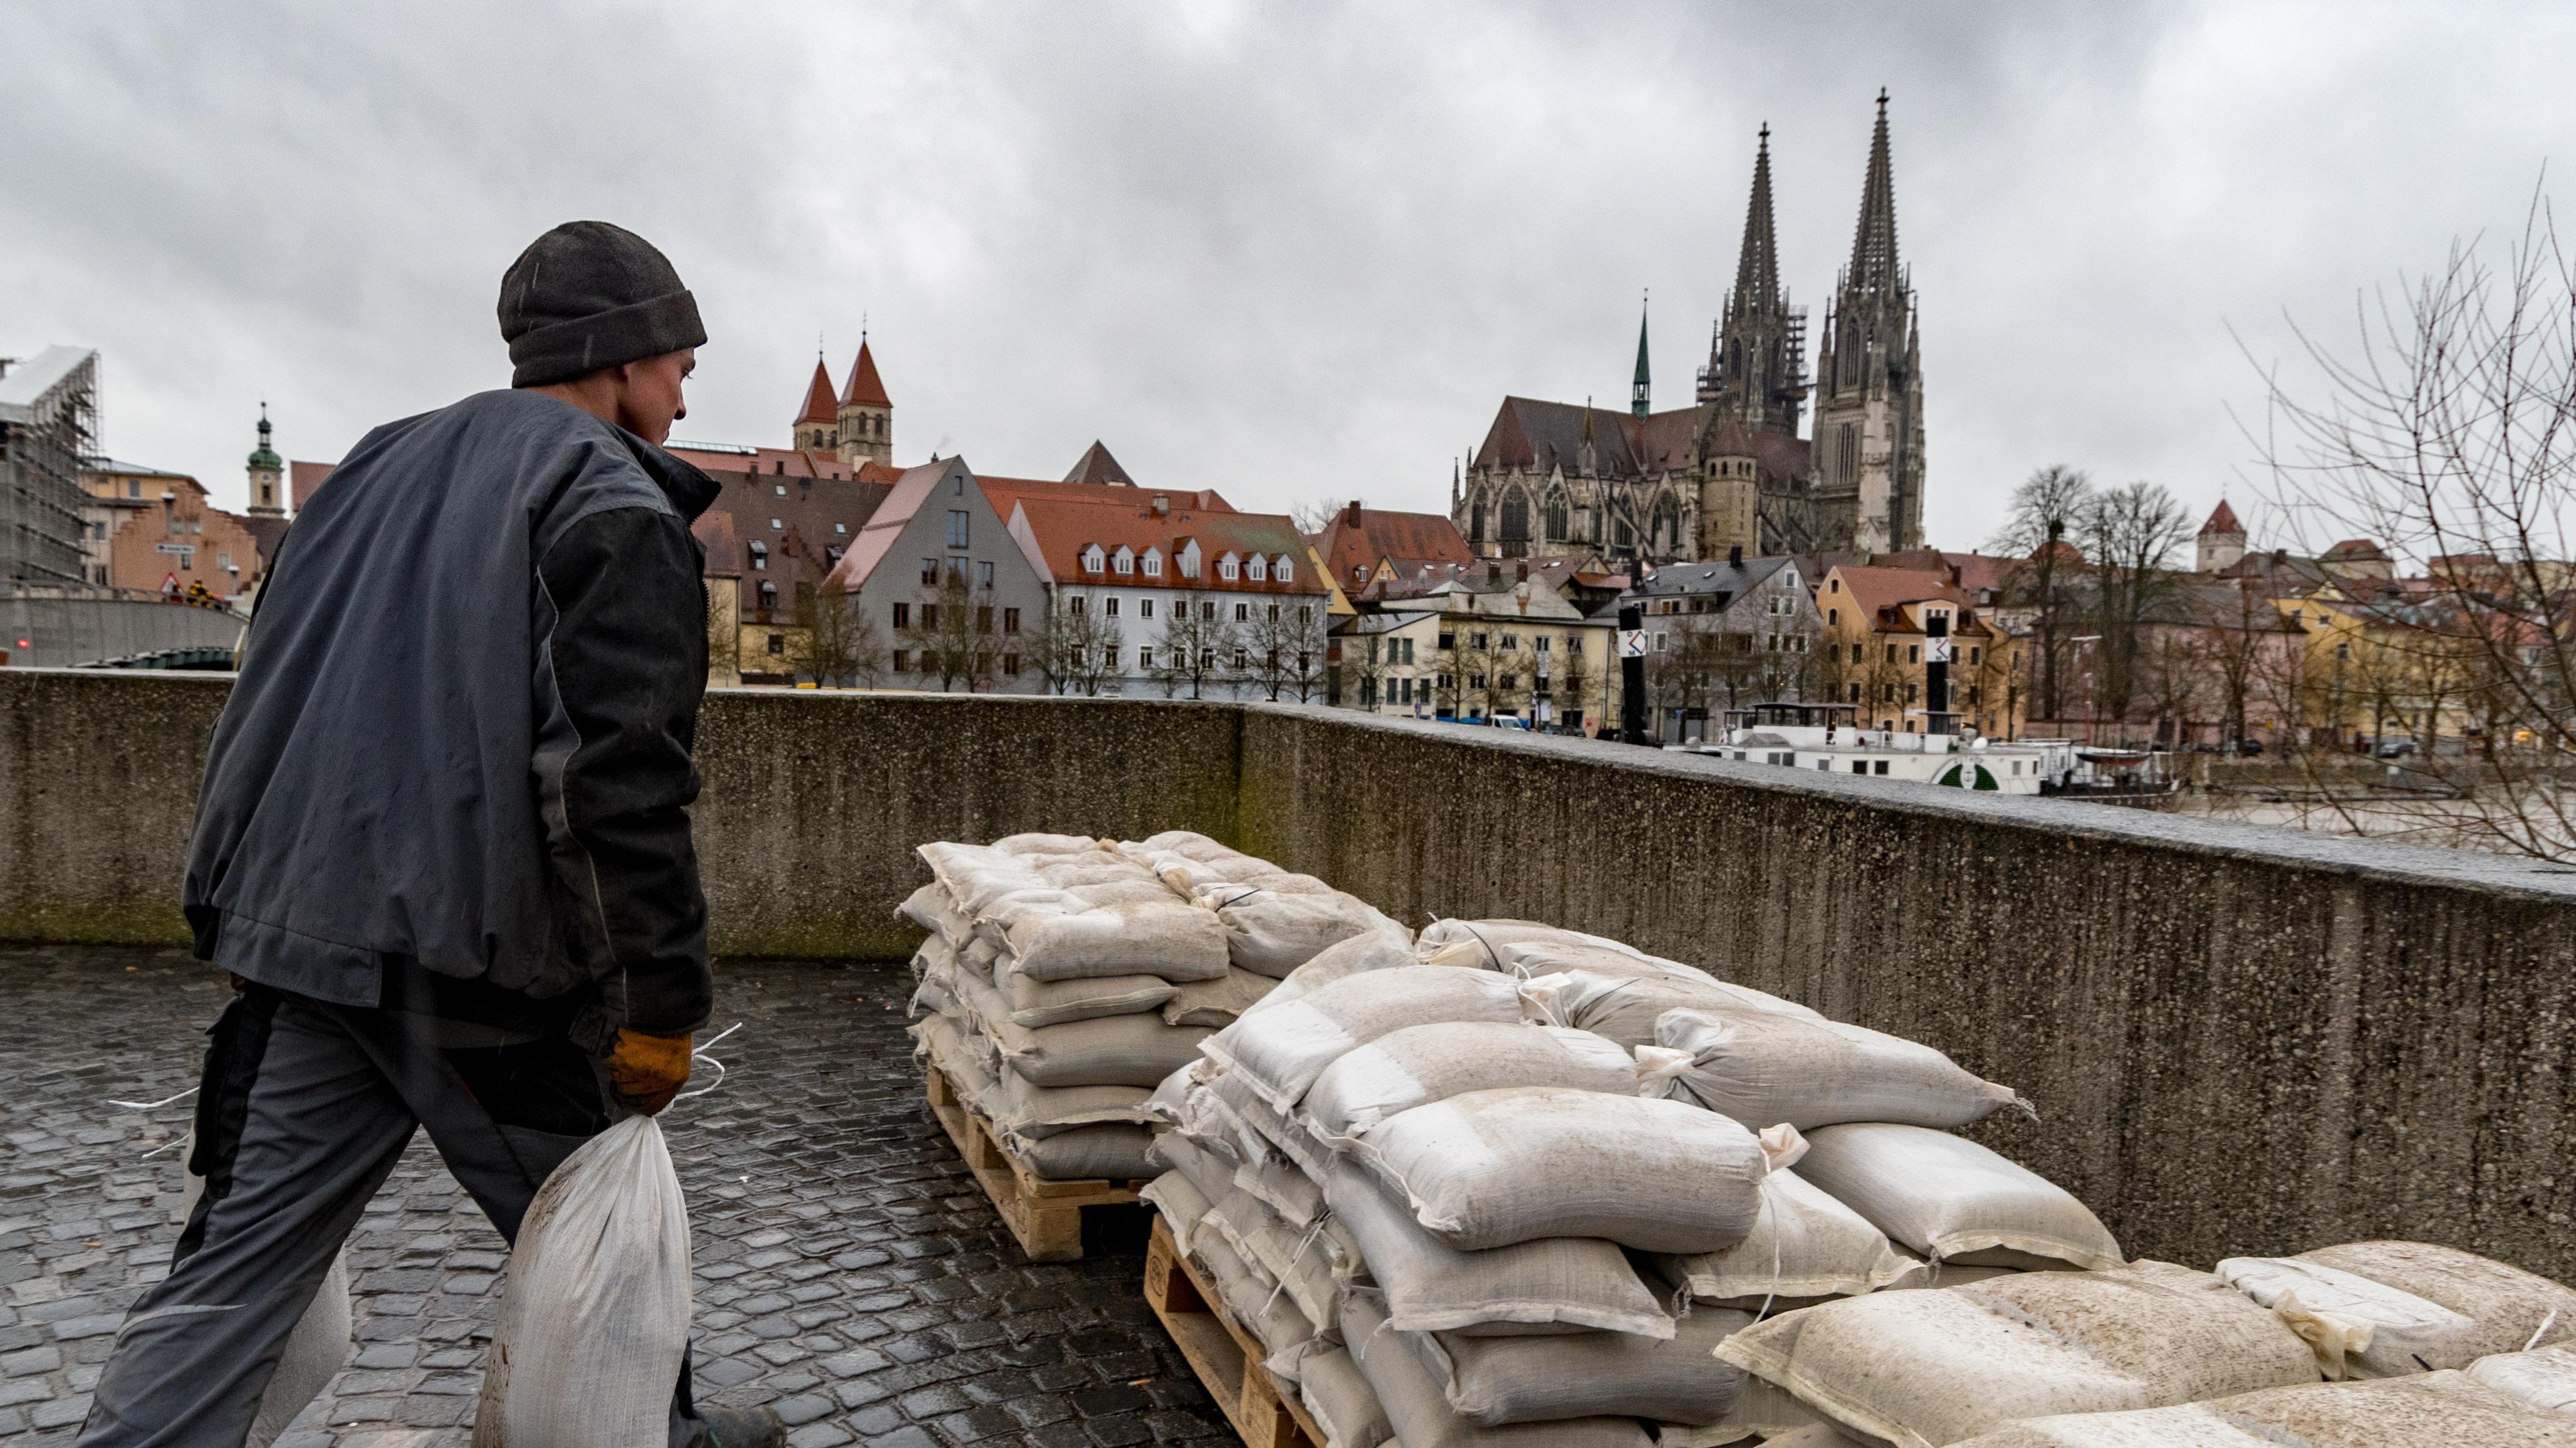 Ein Mann trägt am 04.01.2018 am Ufer der Donau in Regensburg Sandsäcke.